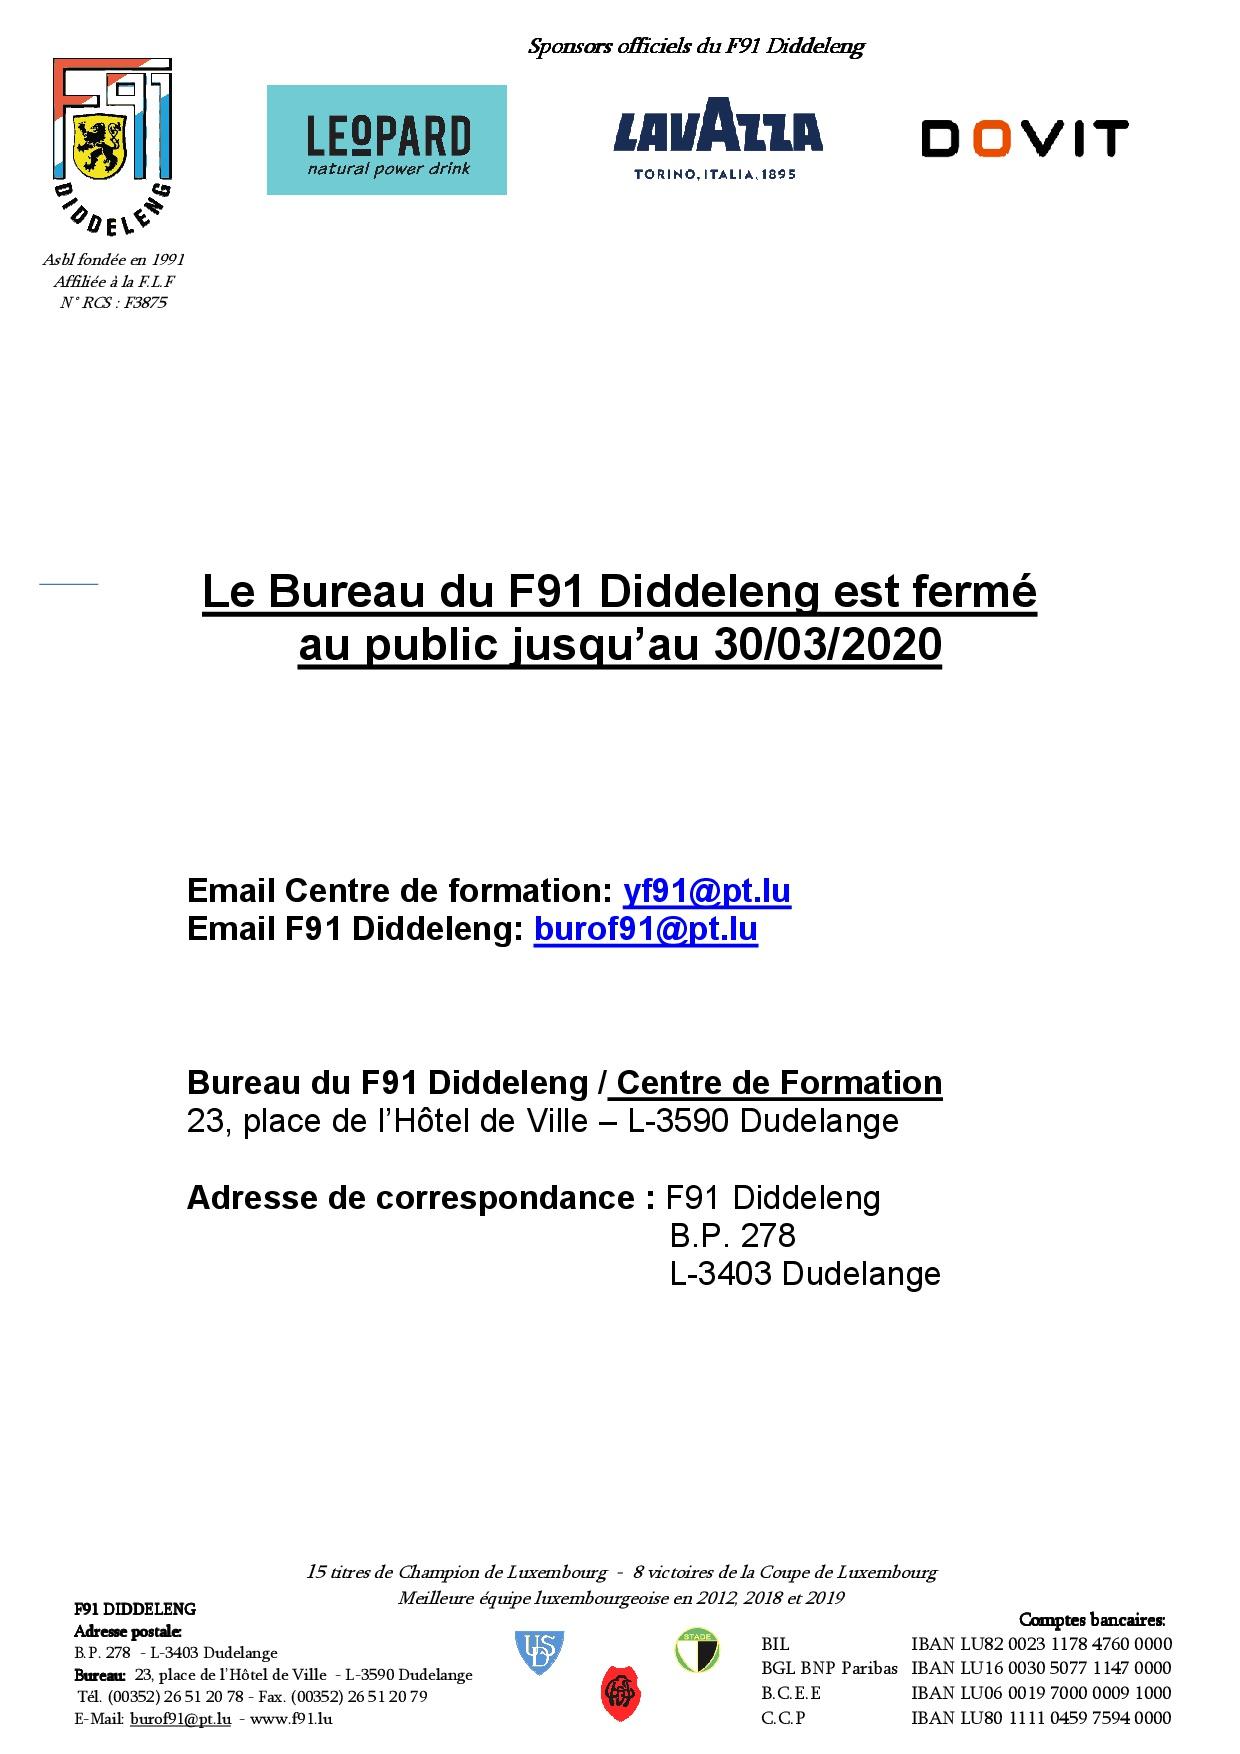 le bureau du F91 Diddeleng reste fermé